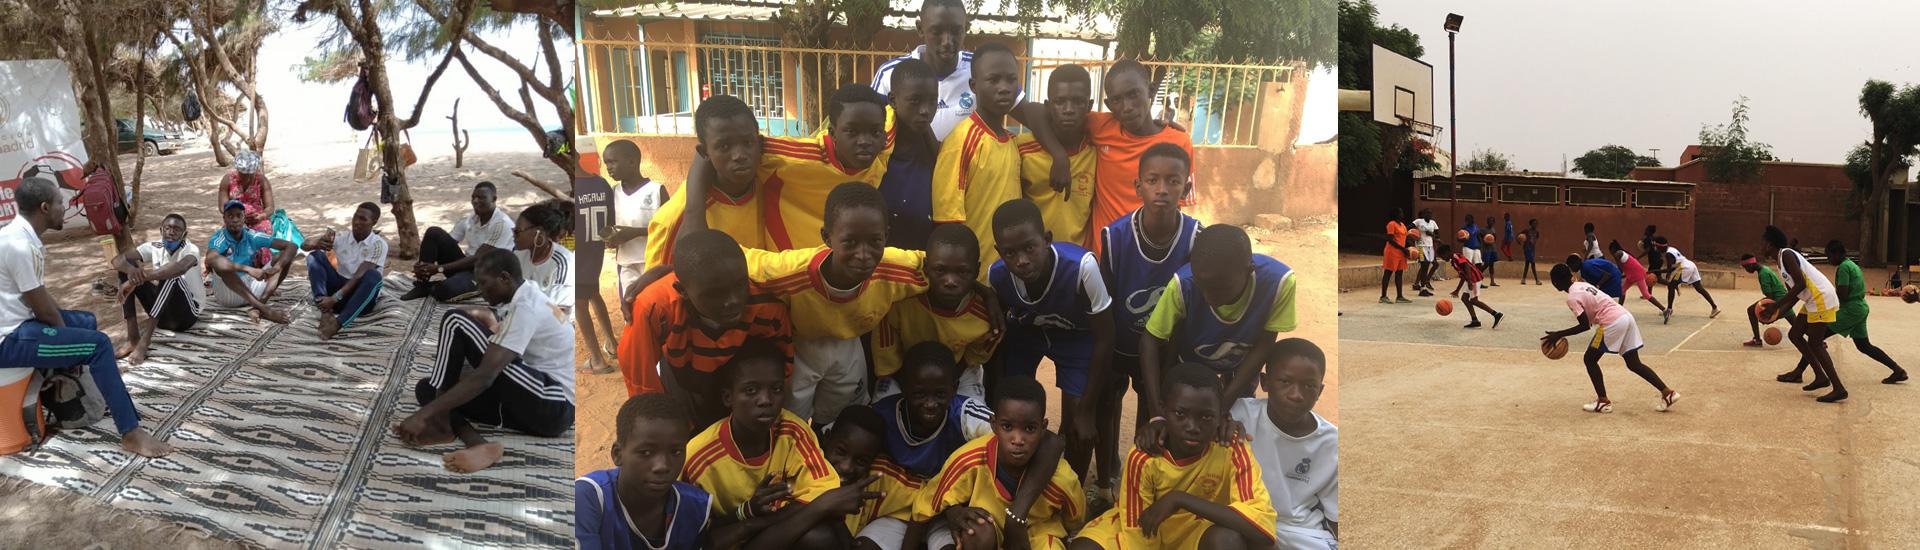 Estudio y deporte, señas de identidad en las dos escuelas sociodeportivas Don Bosco del Real Madrid en Senegal